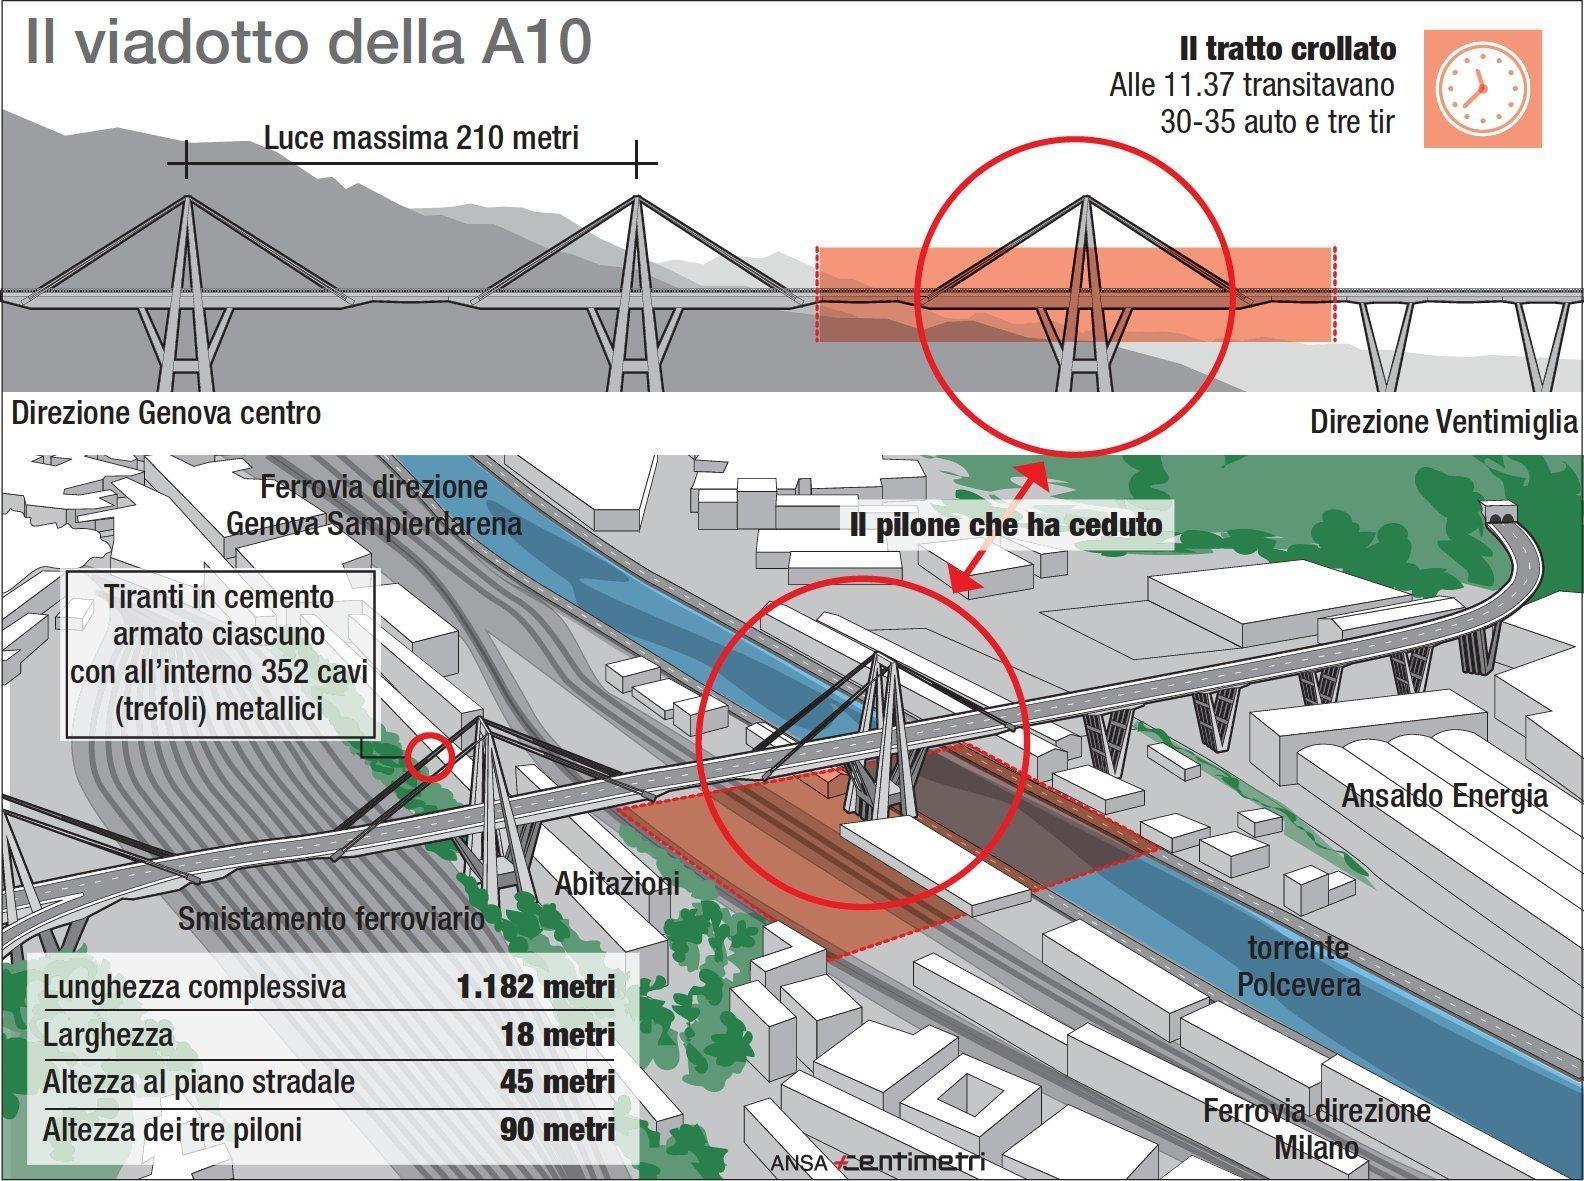 Un român a murit în Italia  după prăbuşirea viaductului din Genova